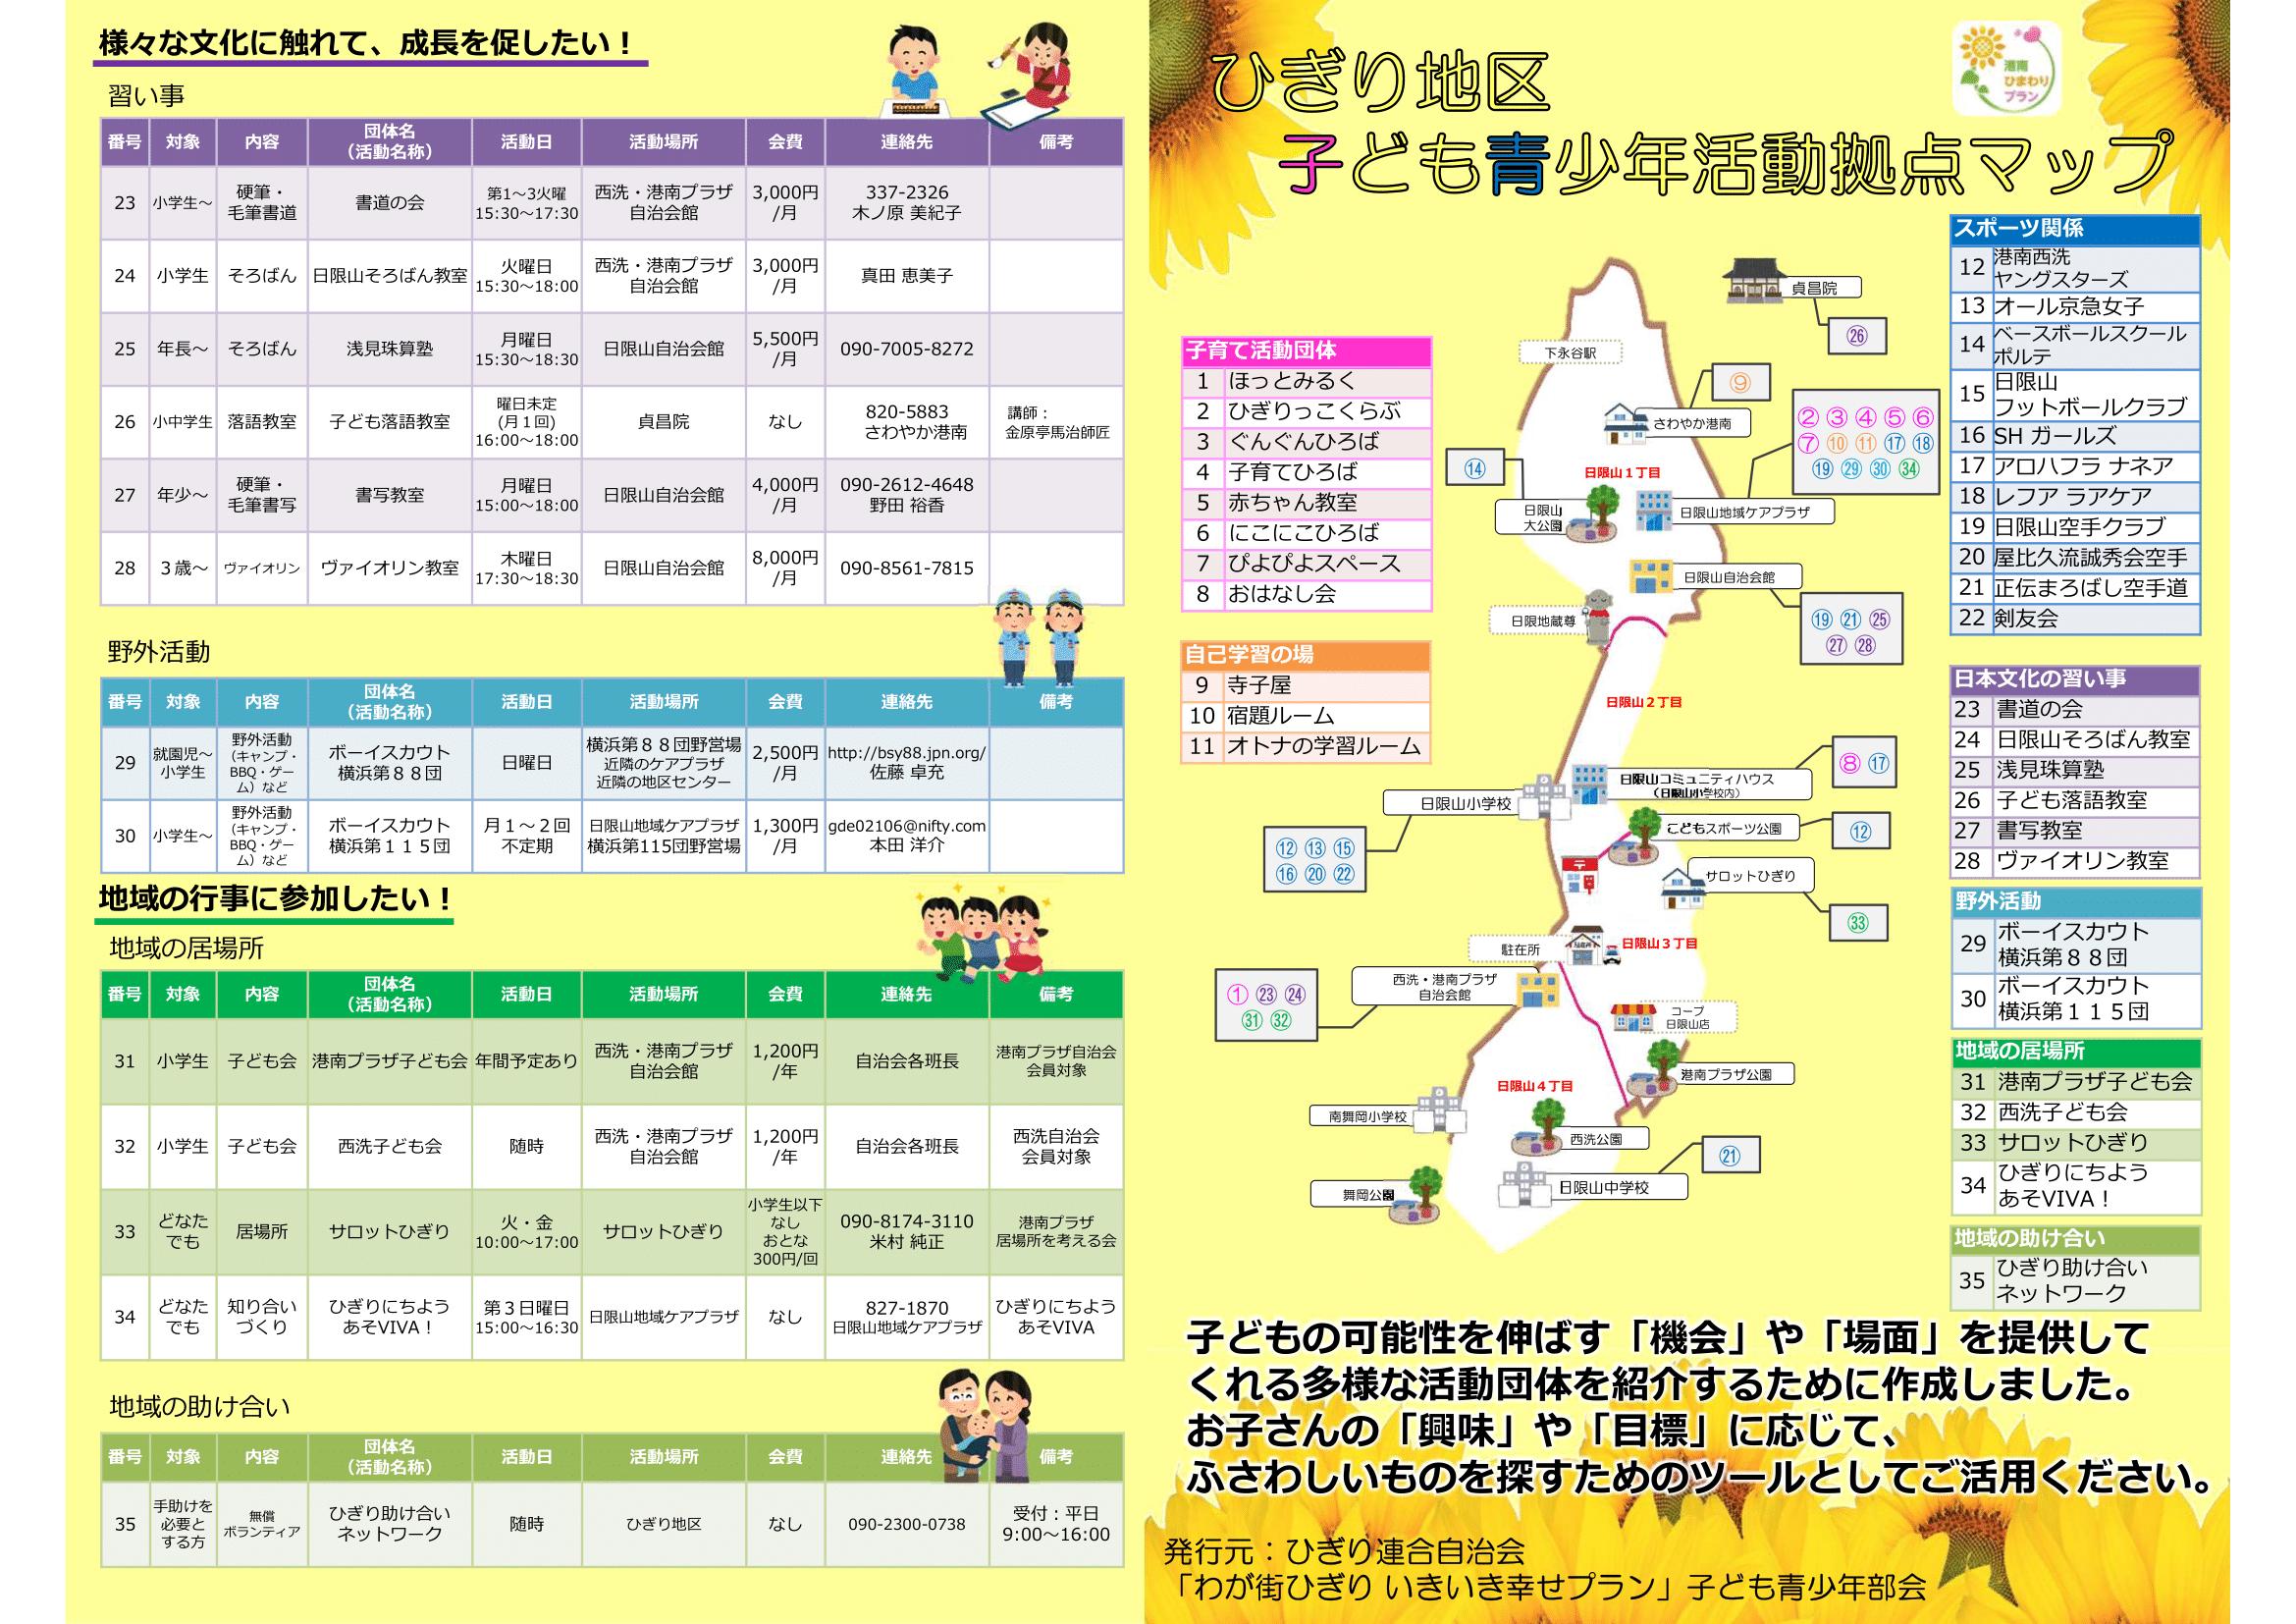 ひぎり地区子ども青少年活動拠点マップ[確定版]-2